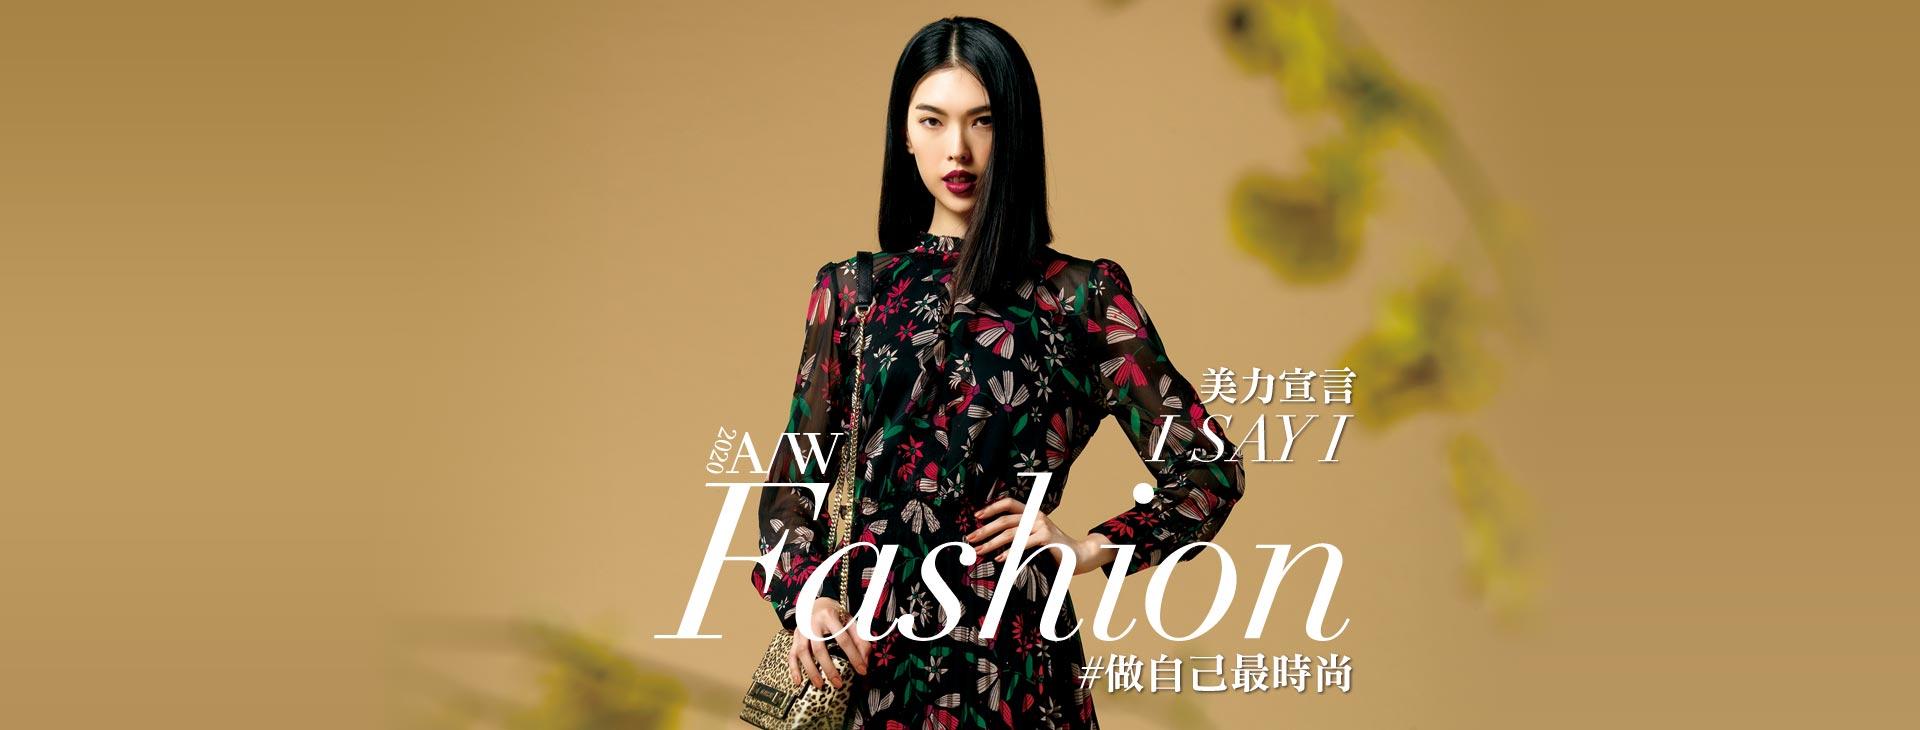 2020 A/W Fashion 美力宣言 I SAY I #做自己最時尚